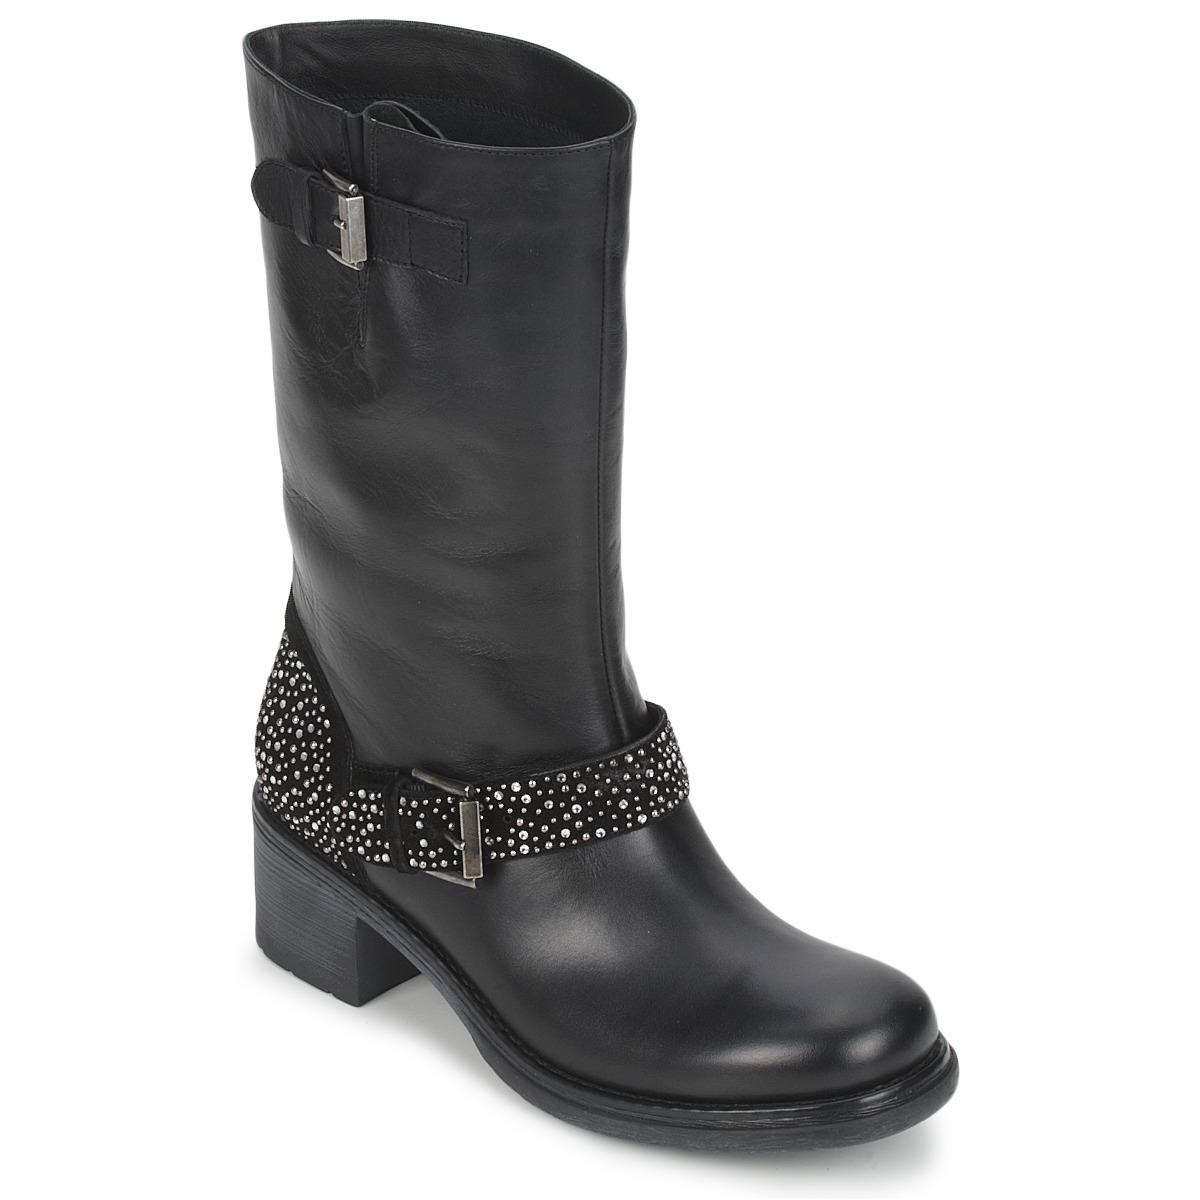 Janet Sport CARYFENO Noir - Livraison Gratuite avec  - Chaussures Boot Femme